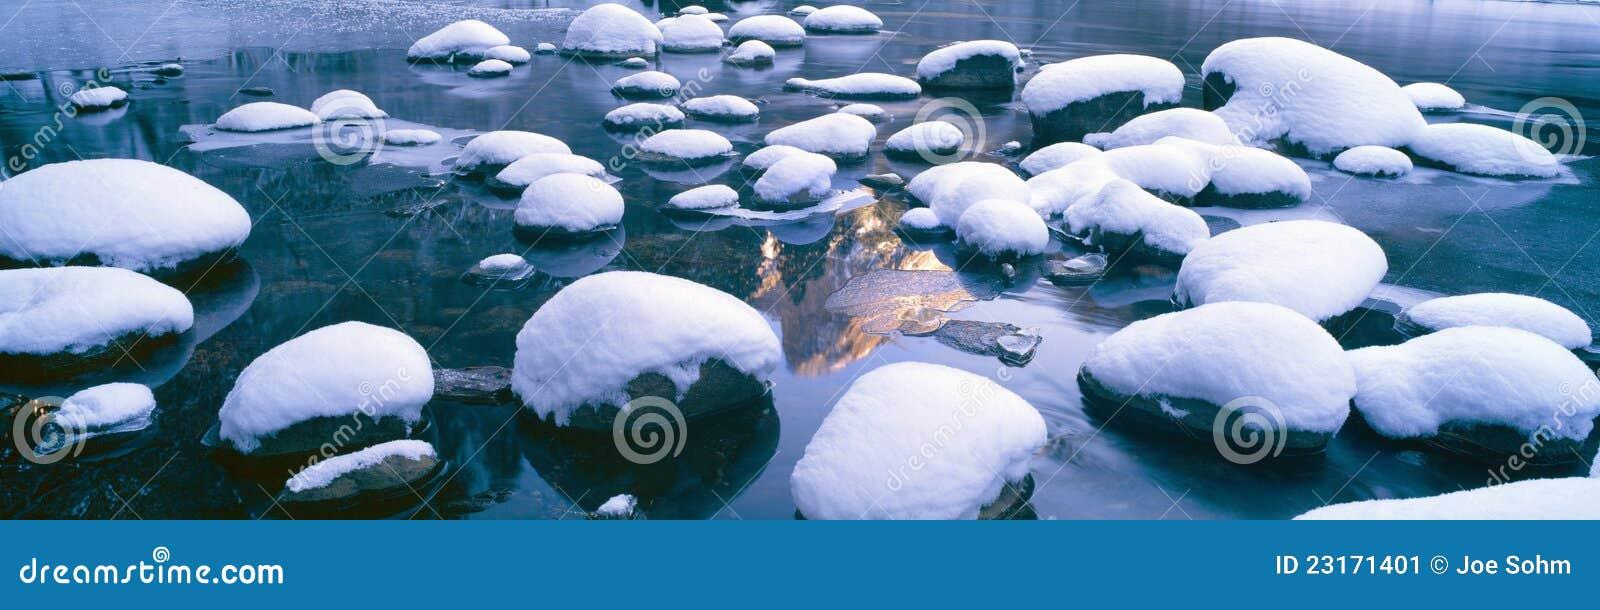 Snowy Merced River